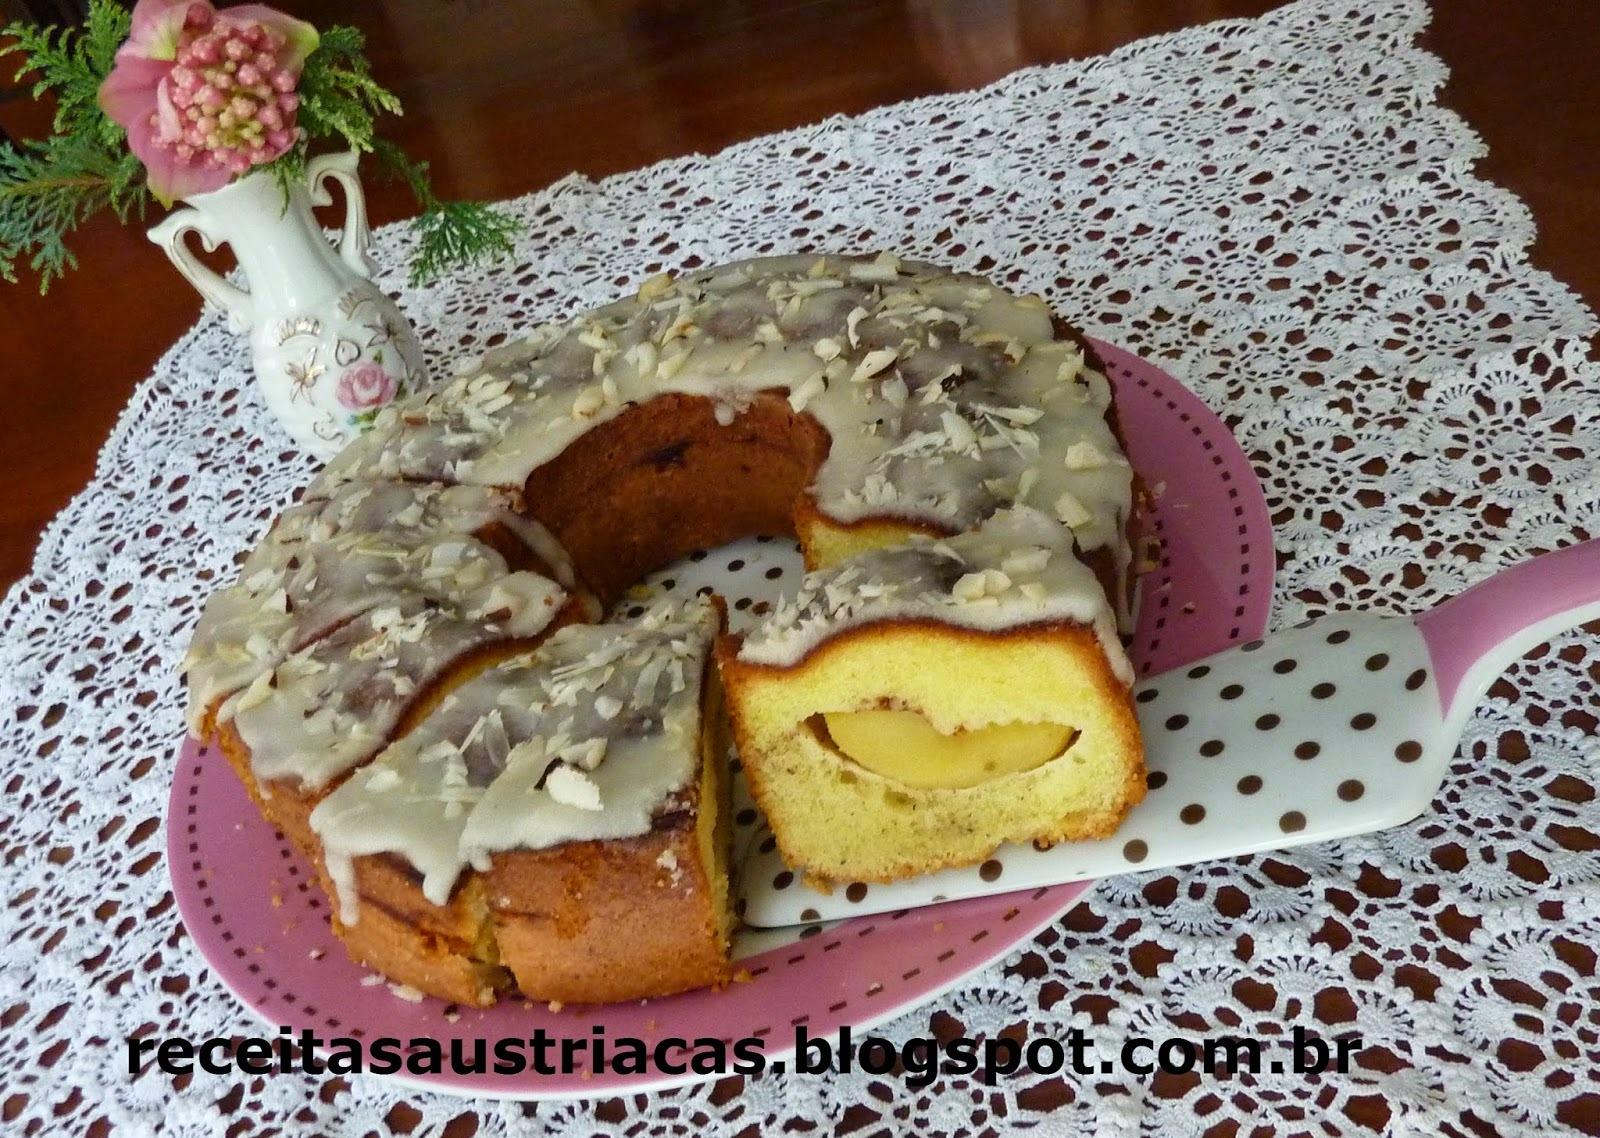 BOLO MÁRMORE DE MAÇÃS E NOZES - Marmor-Apfel-Nuss-Kuchen